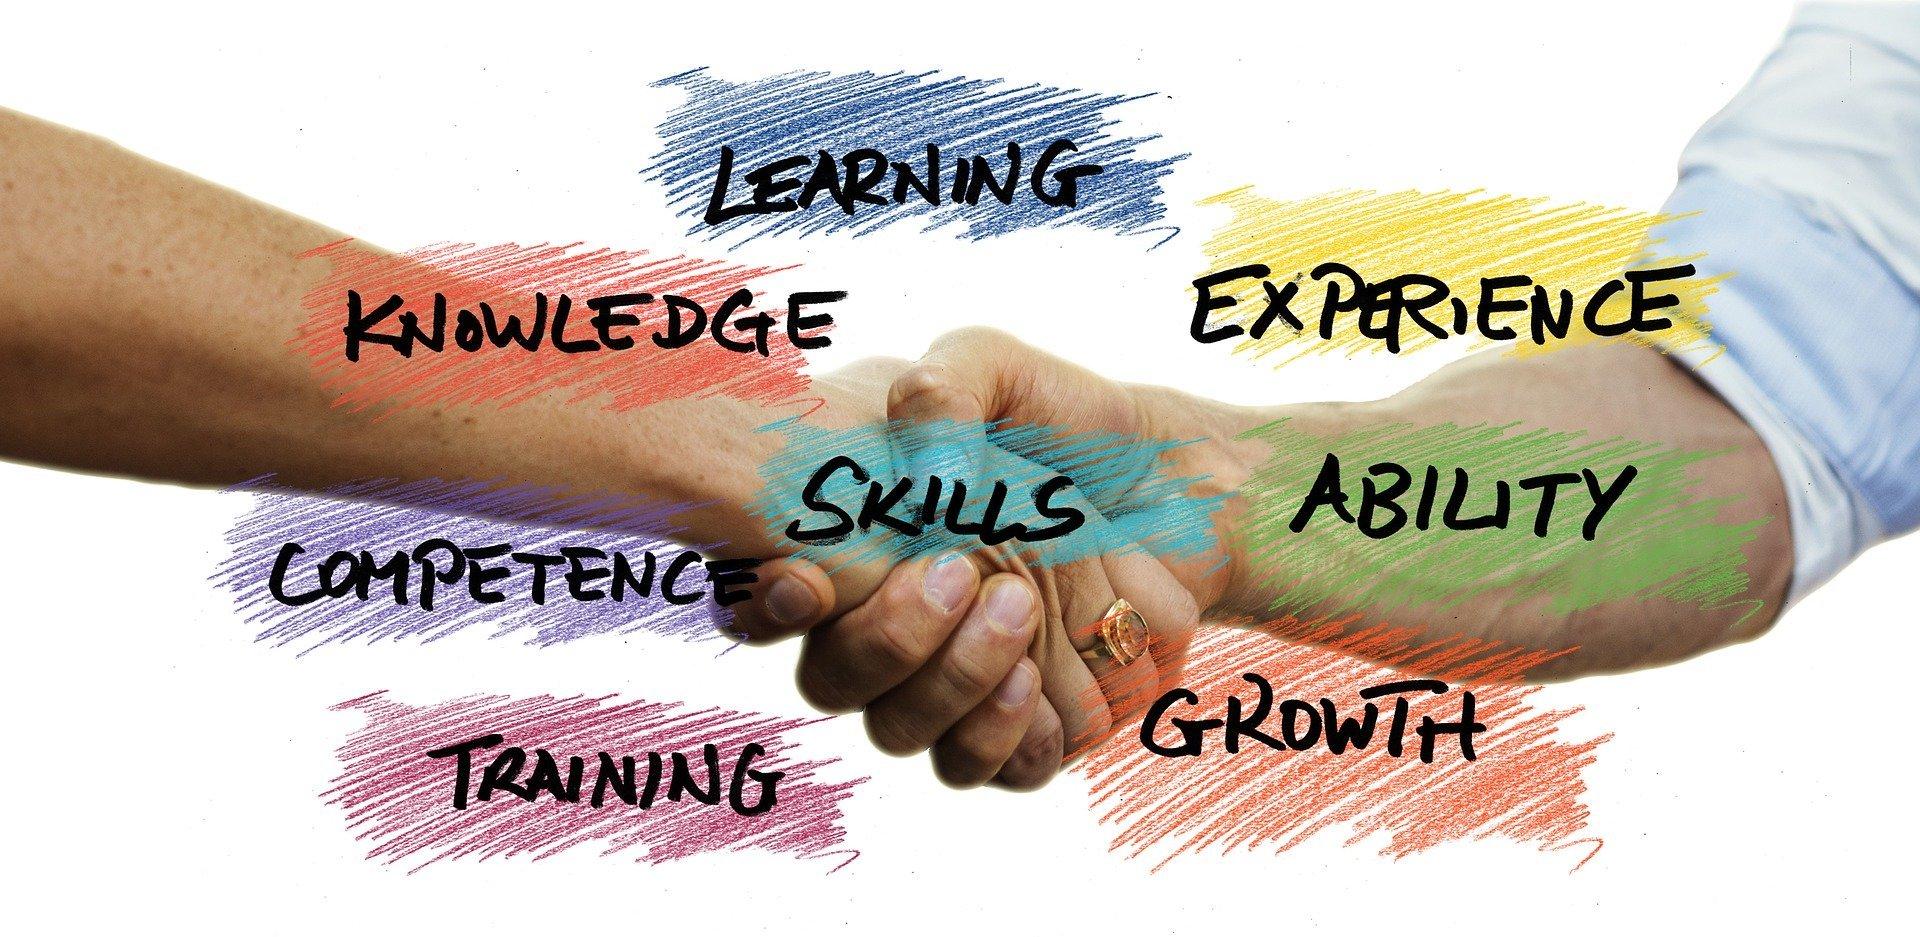 grafico pubblicitario, studio, impegno, esperienza